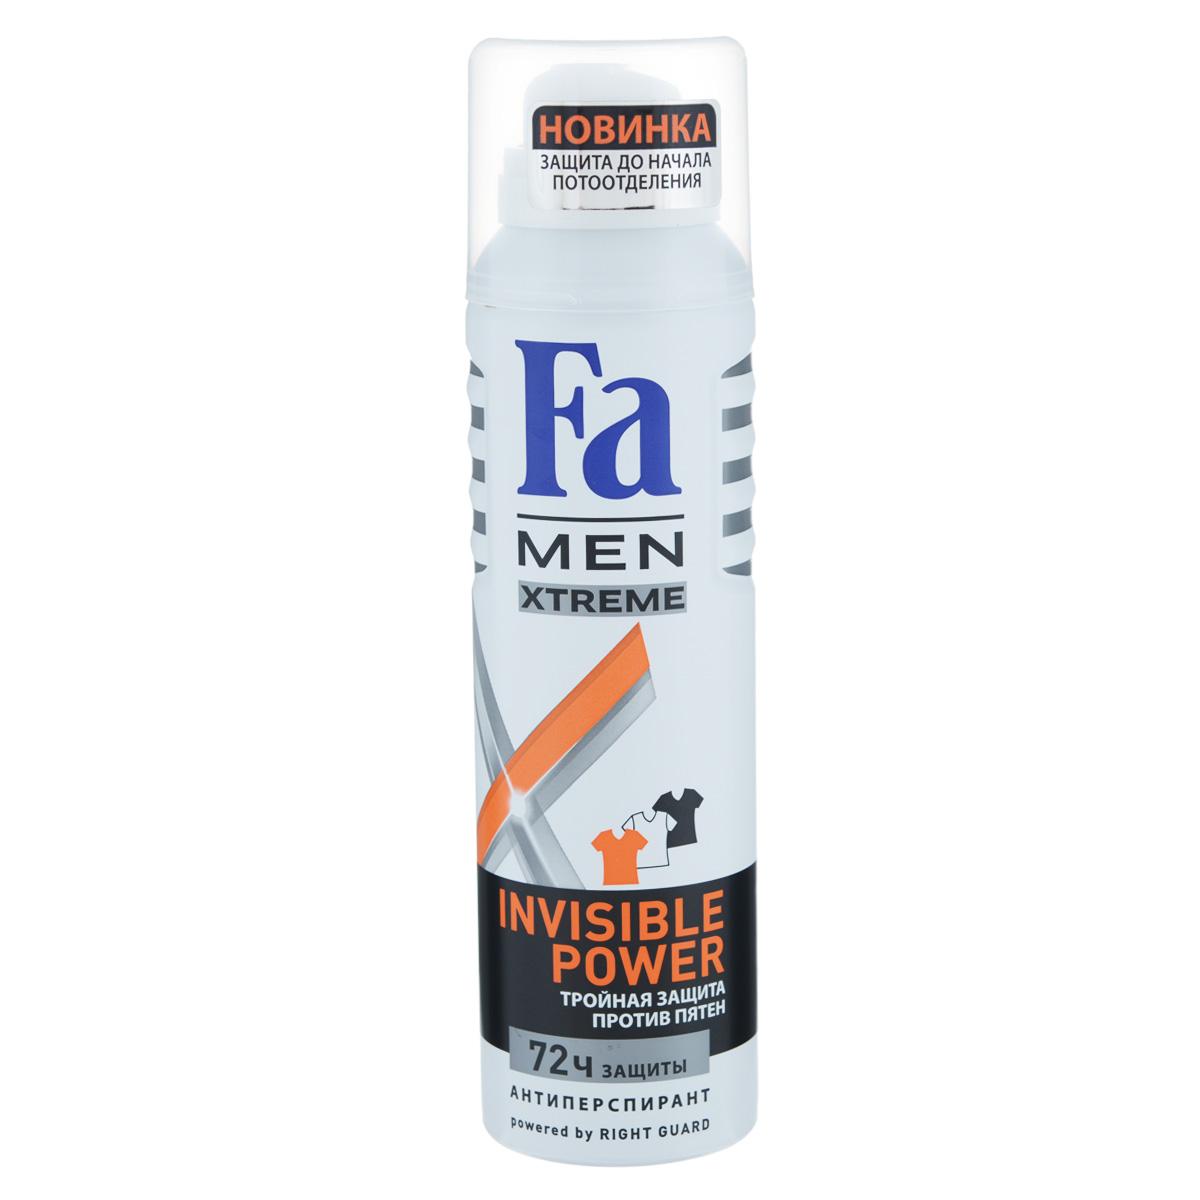 FA MEN Xtreme Дезодорант-аэрозоль Invisible, 150 мл72523WDFa Men Invisible Power – экстремальная защита от пота, запаха, а так же белых, желтых и масляных пятен на одежде. Инновационная формула с технологией Sweat Detect* борется с потом еще до его появления.- Научно доказано: 72ч защиты от пота и запаха- 0 % спирта. Хорошая переносимость кожей подтверждена дерматологами.Также почувствуйте притягательную свежесть, принимая душ с гелем для душа Fa Men Xtreme.